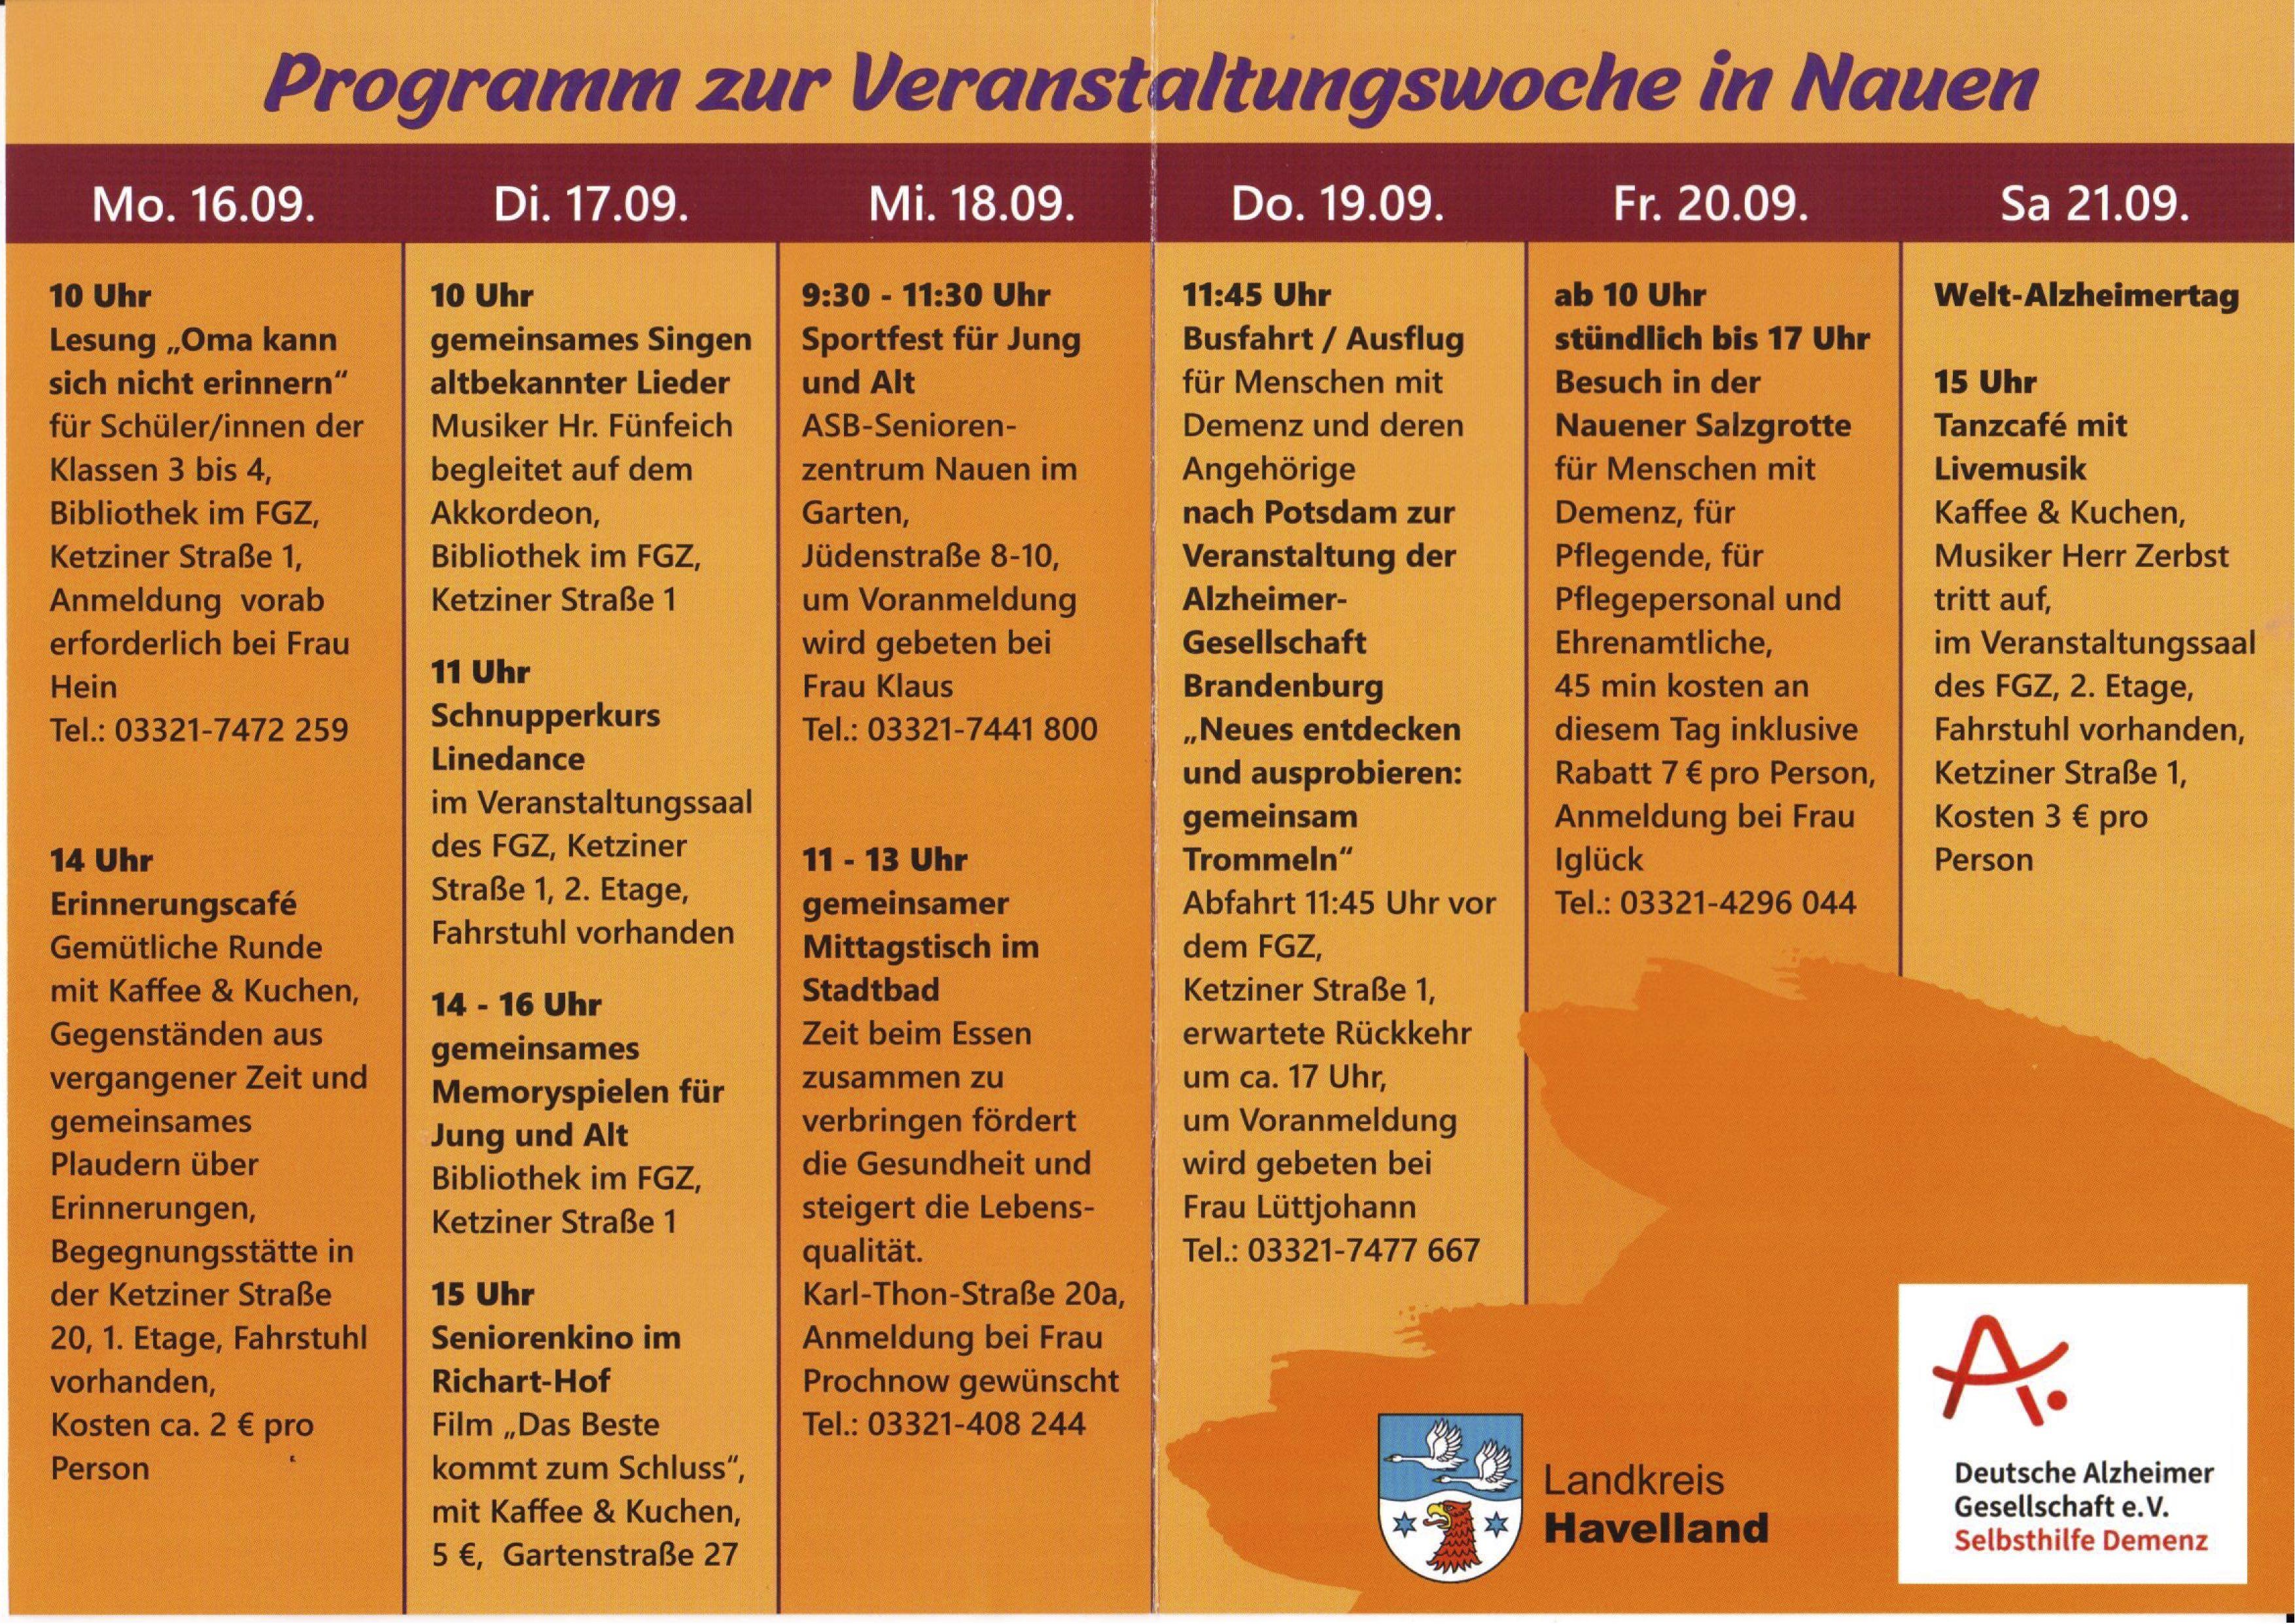 2019_Programm_Demenzwoche_2